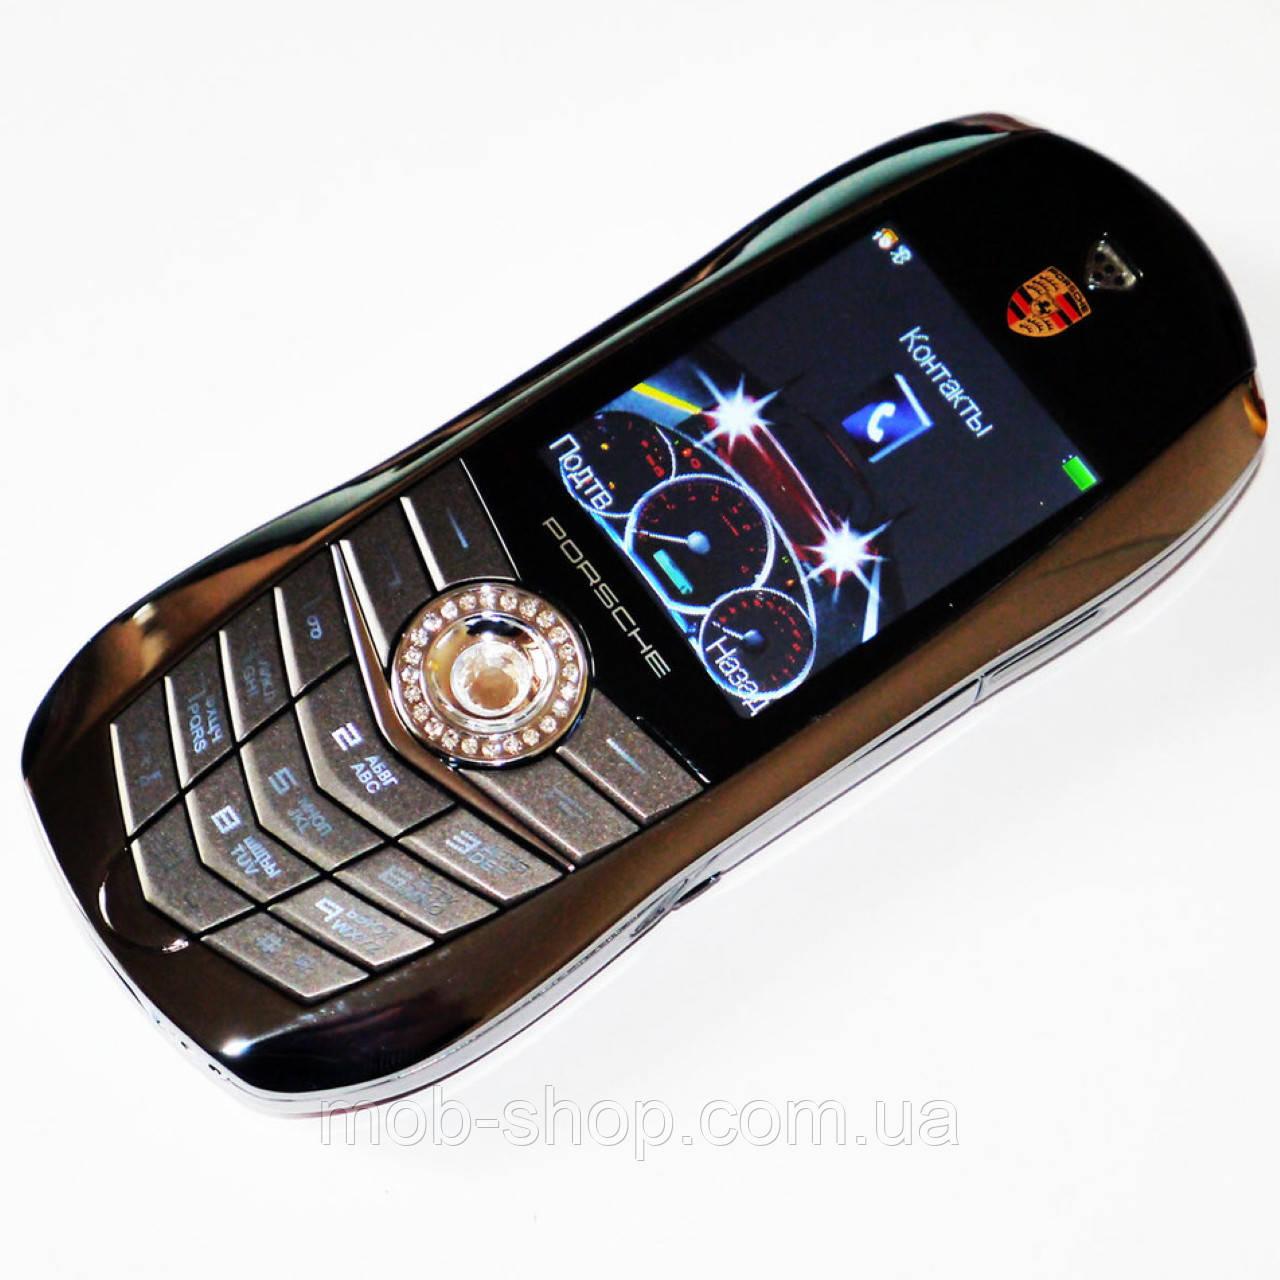 Мобильный телефон машинка VERTU Style Porsche 911 Cayman S телефон машинка